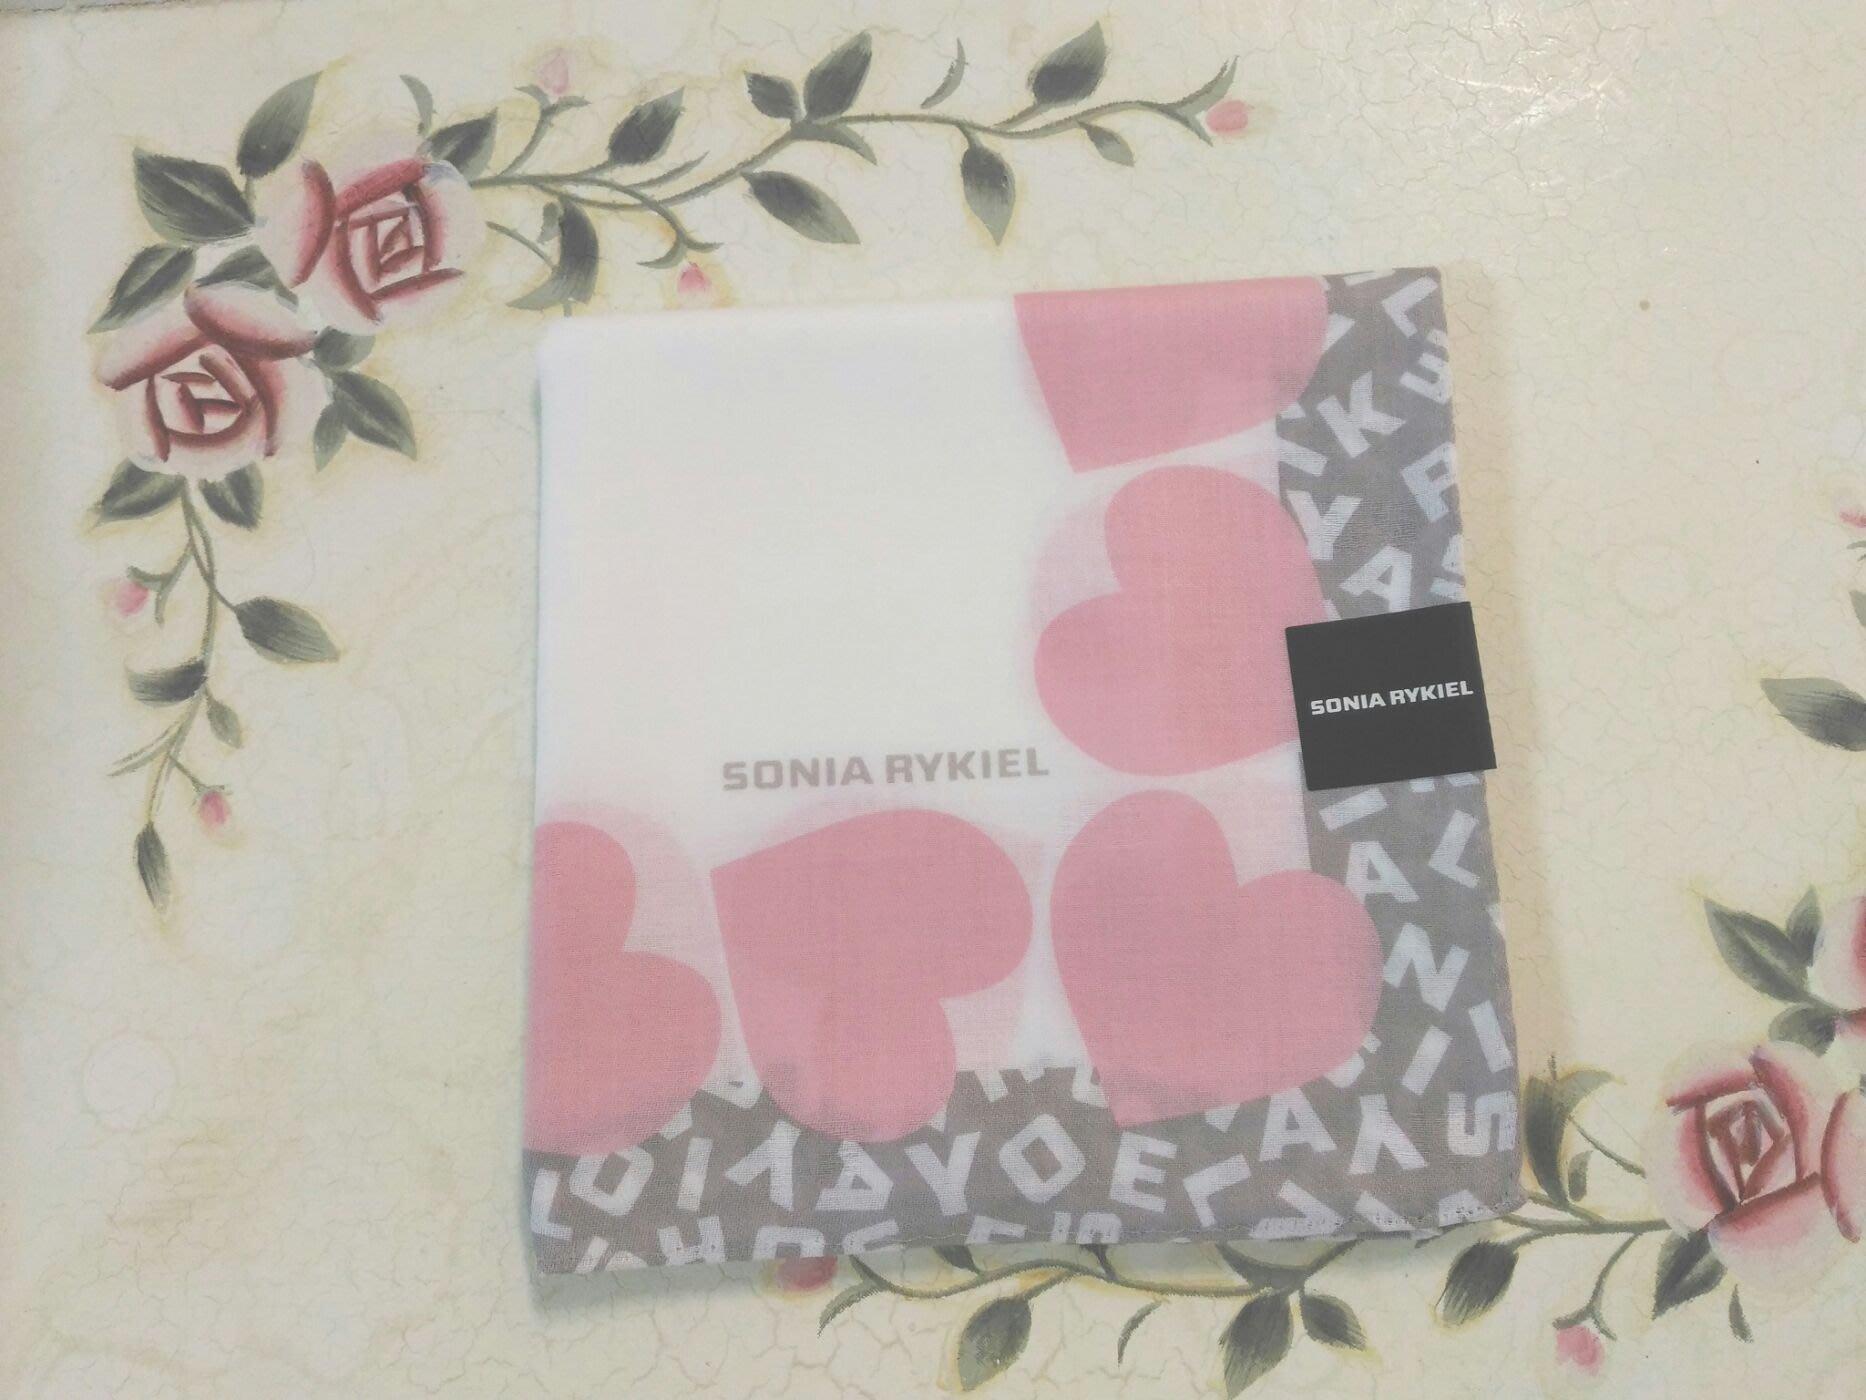 SONIA 手帕  淺咖啡字邊 粉紅愛心邊框 白底 手帕  日製 日本帶回